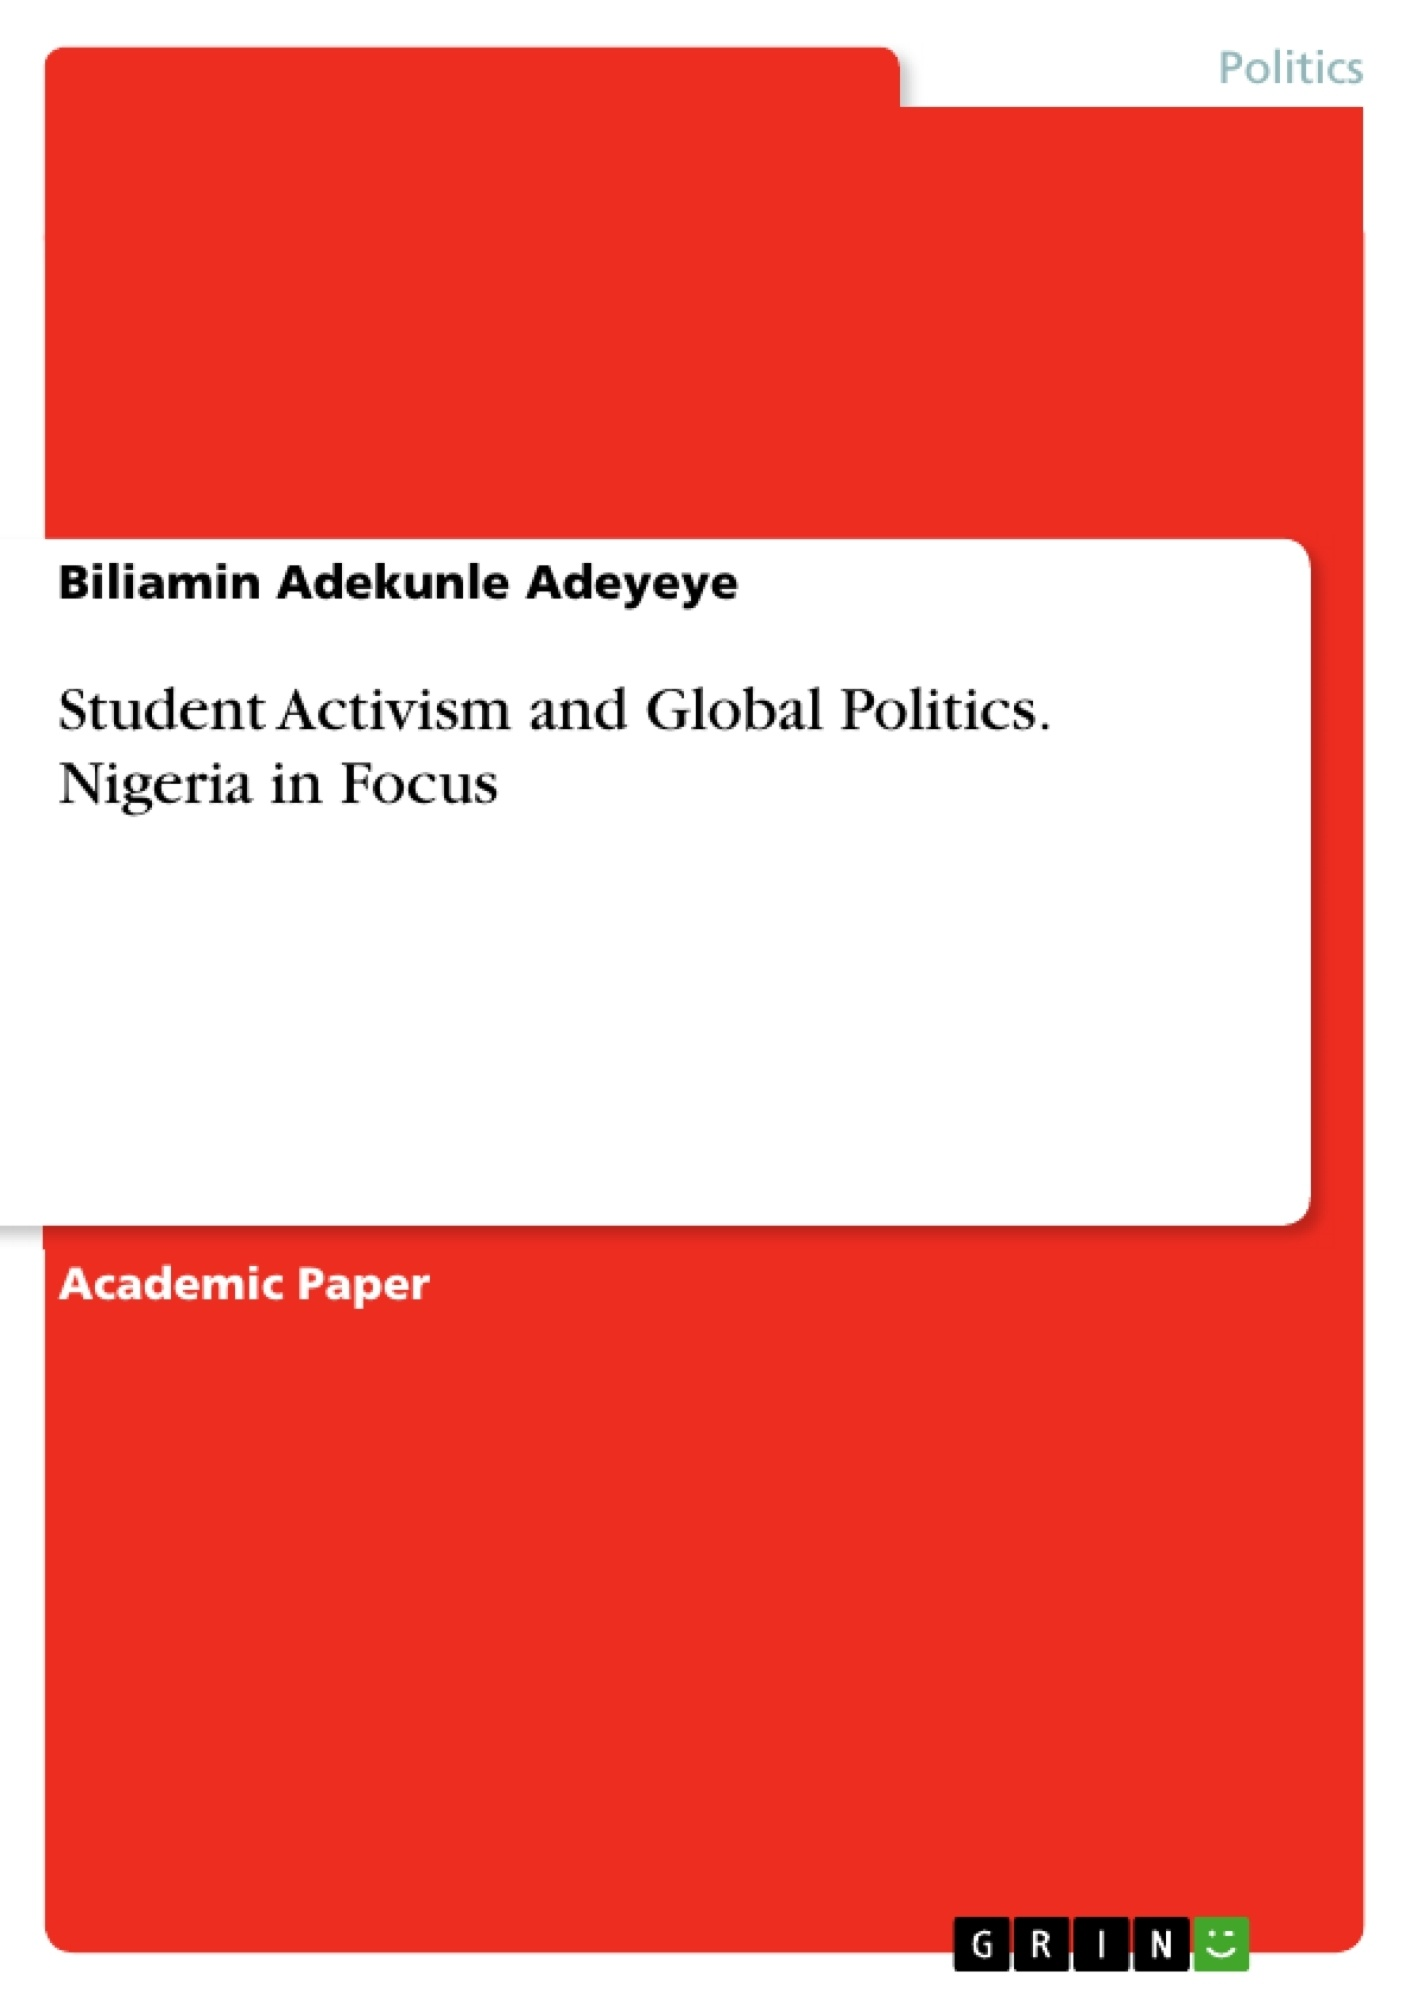 Title: Student Activism and Global Politics. Nigeria in Focus